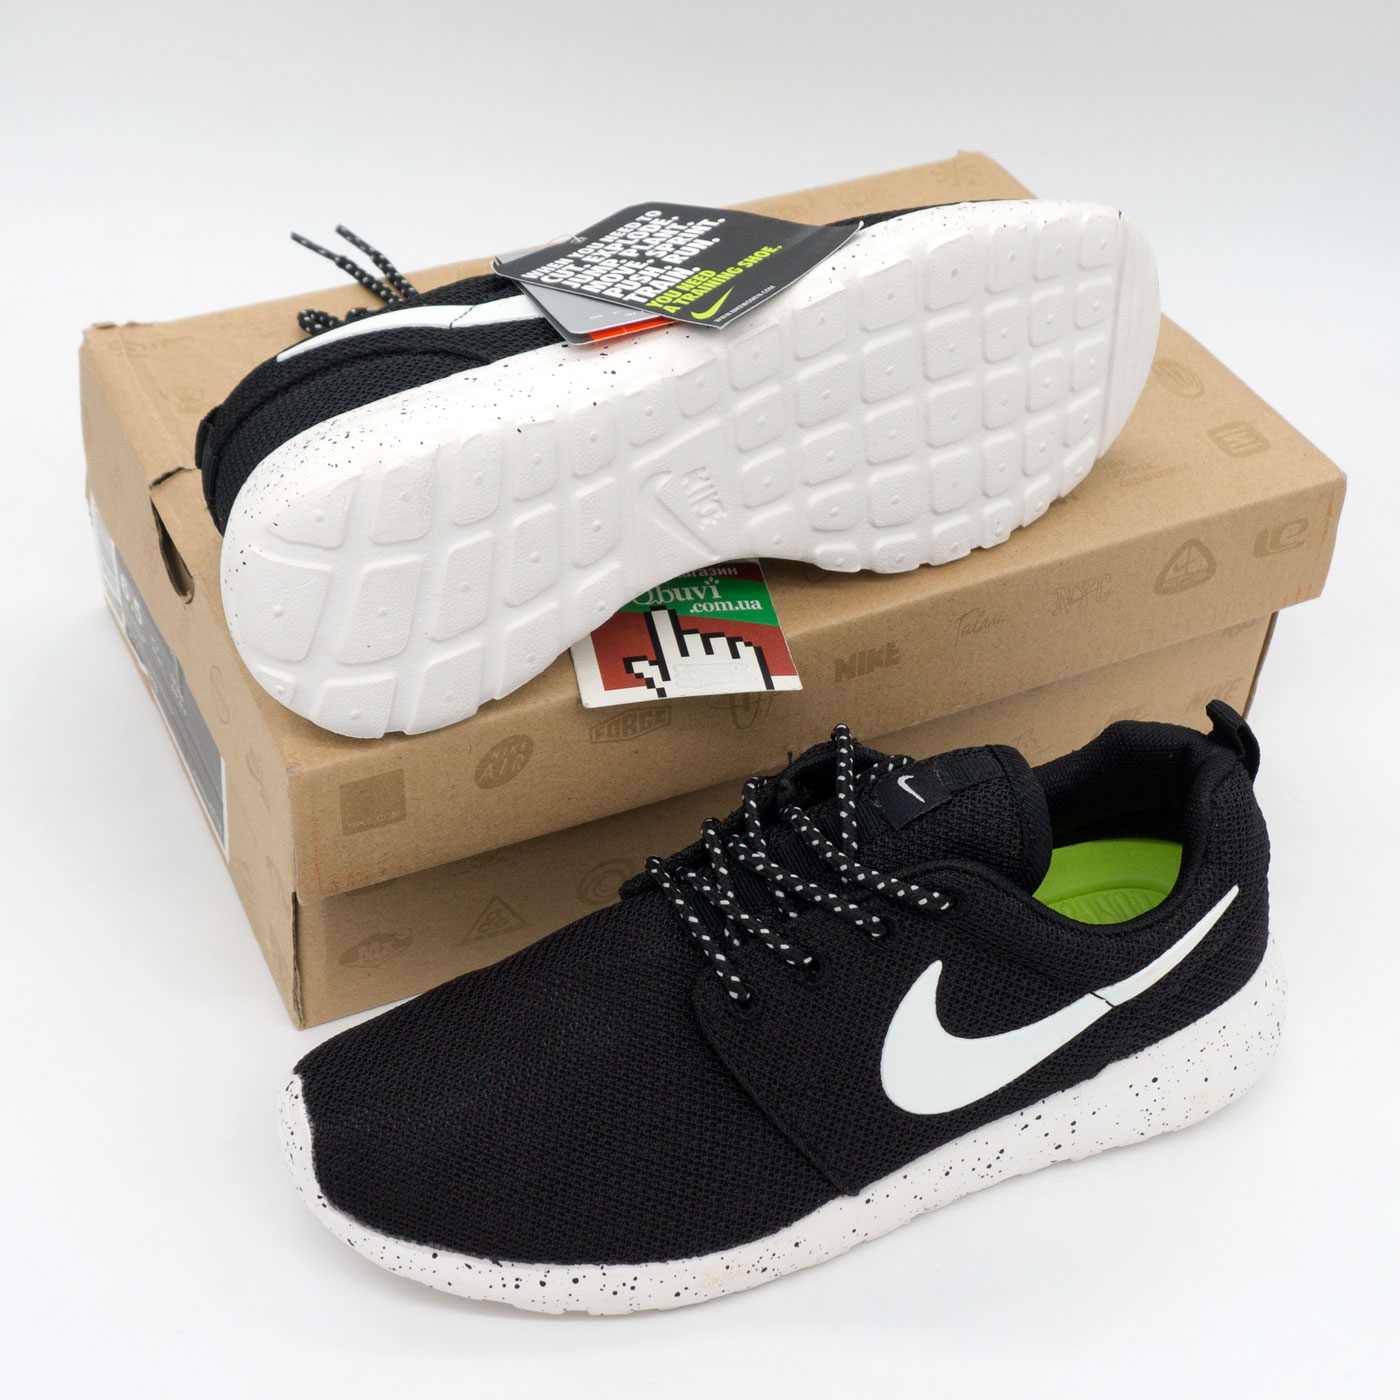 фото bottom Nike Roshe Run черно белые в крапинку. Топ качество!!! bottom